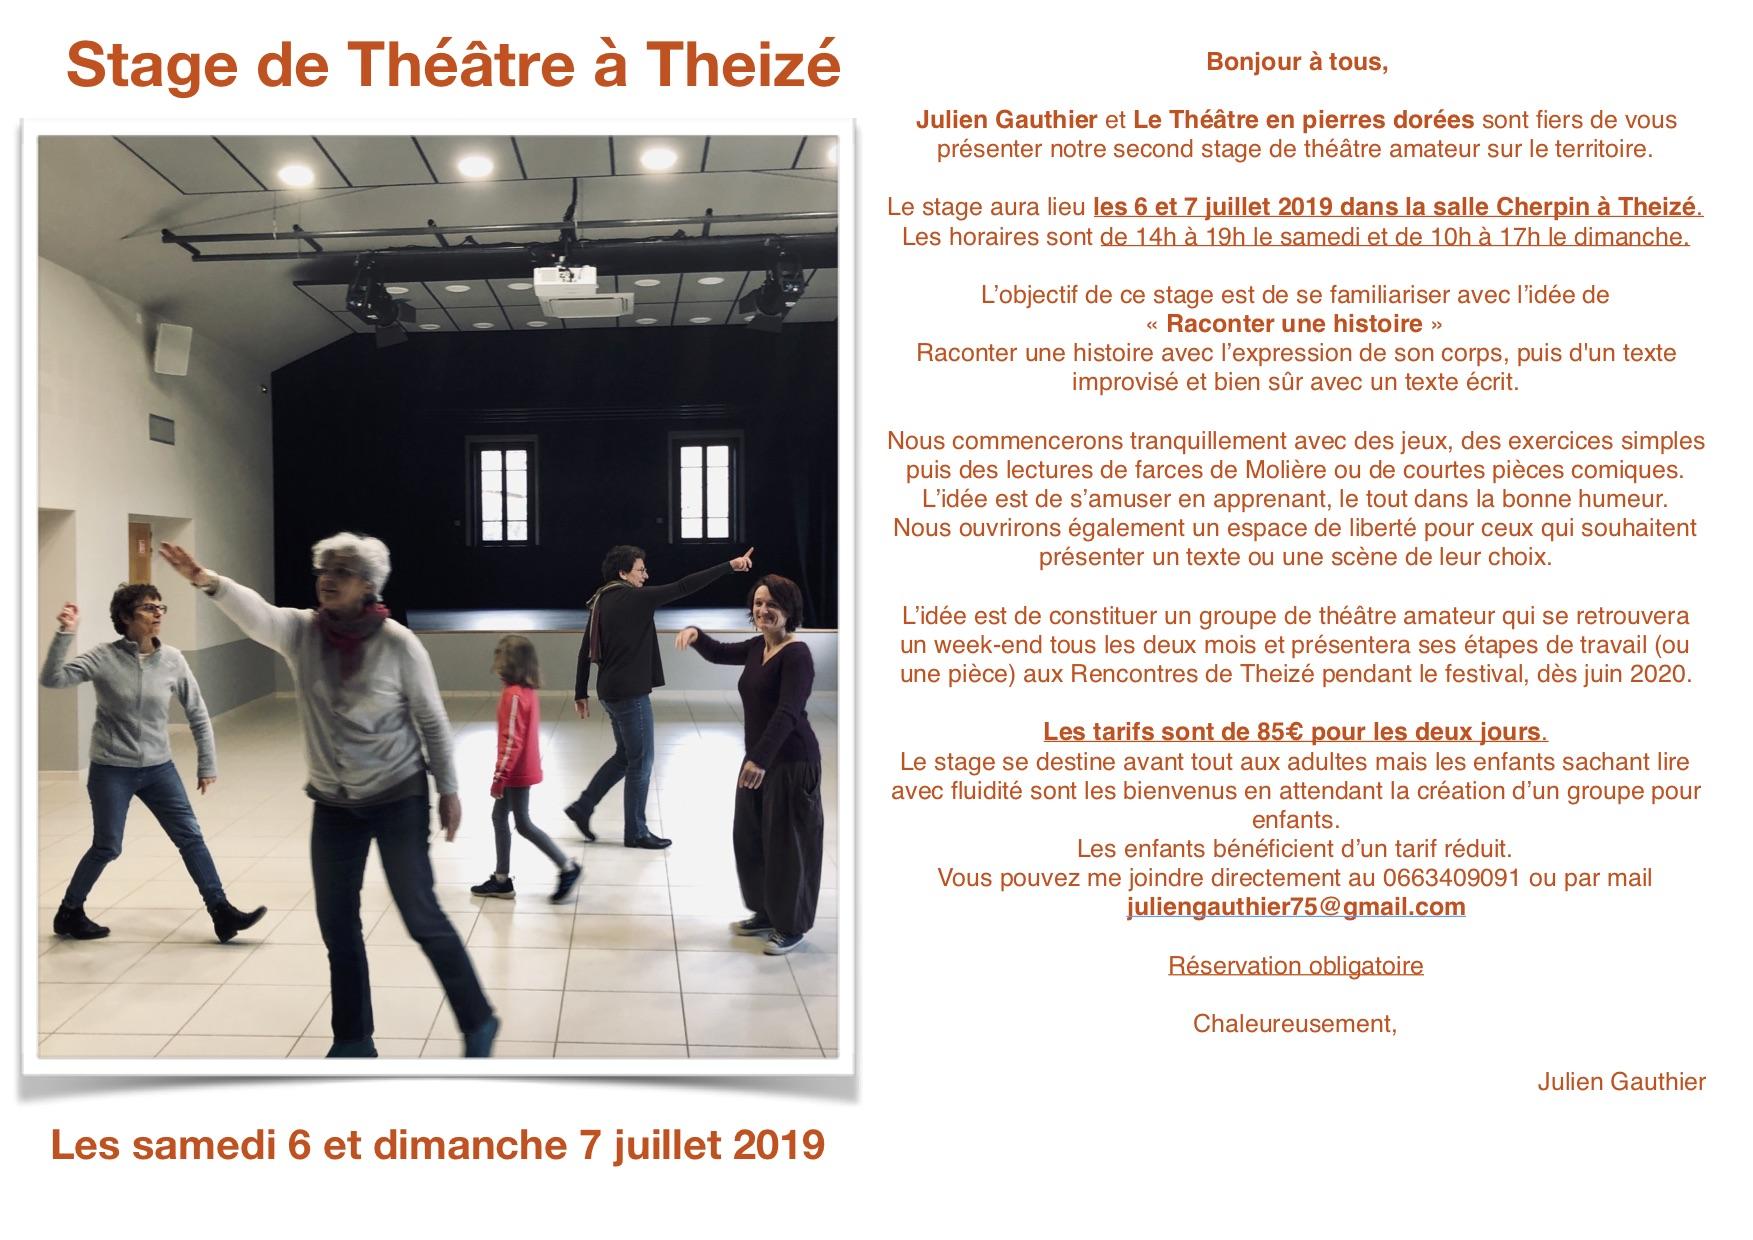 Plaquette stage de Théâtre Theizé